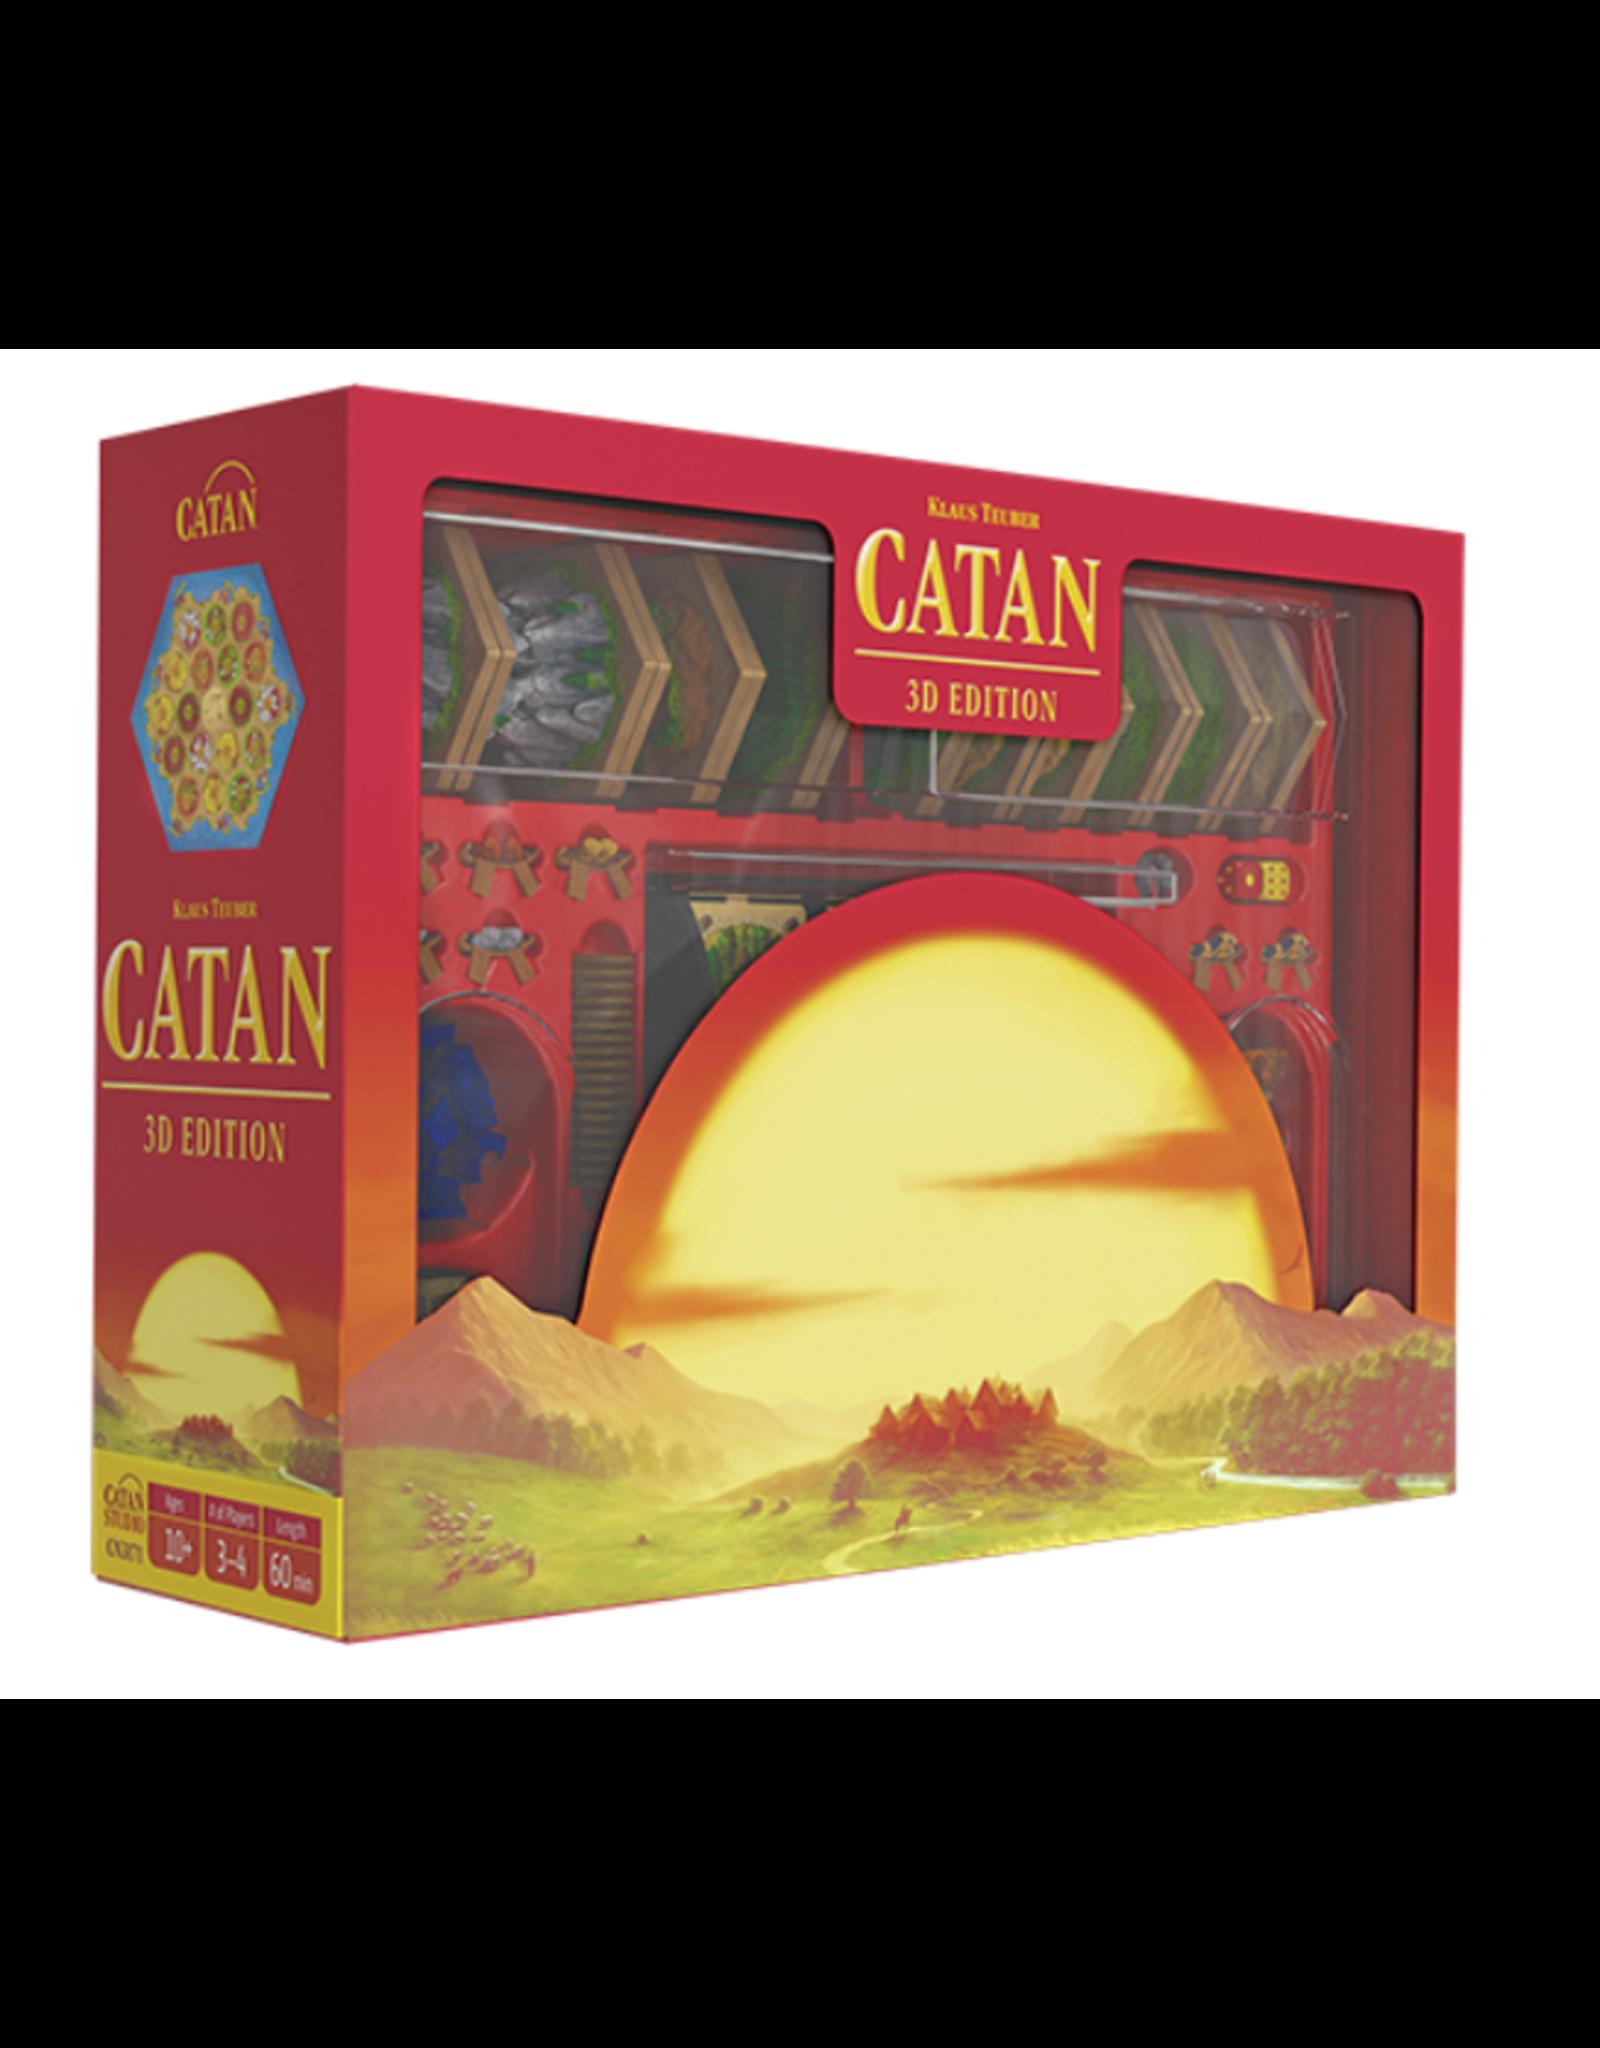 Catan Studios Catan 3D Edition